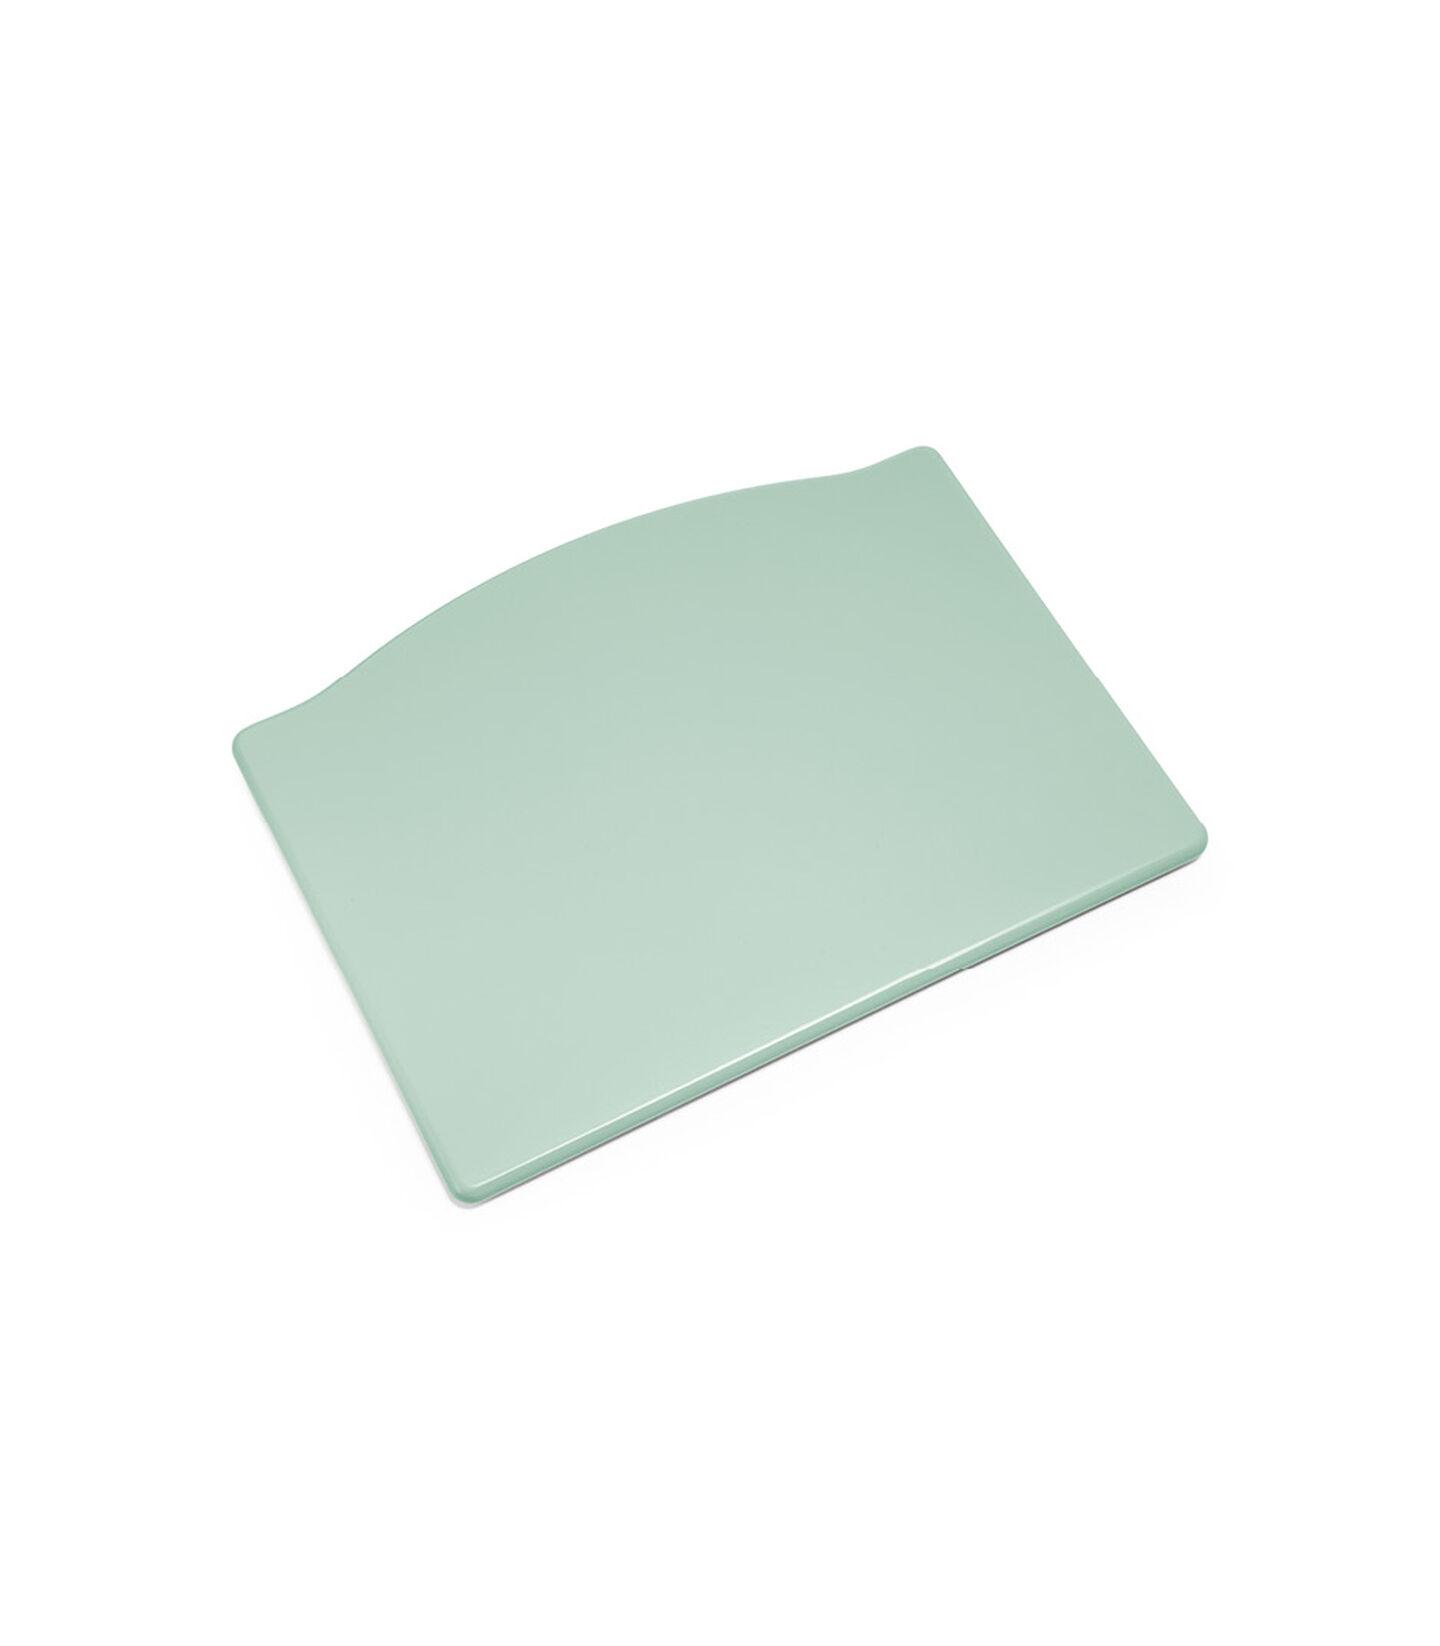 Tripp Trapp® Fodplade Soft Mint, Soft Mint, mainview view 1